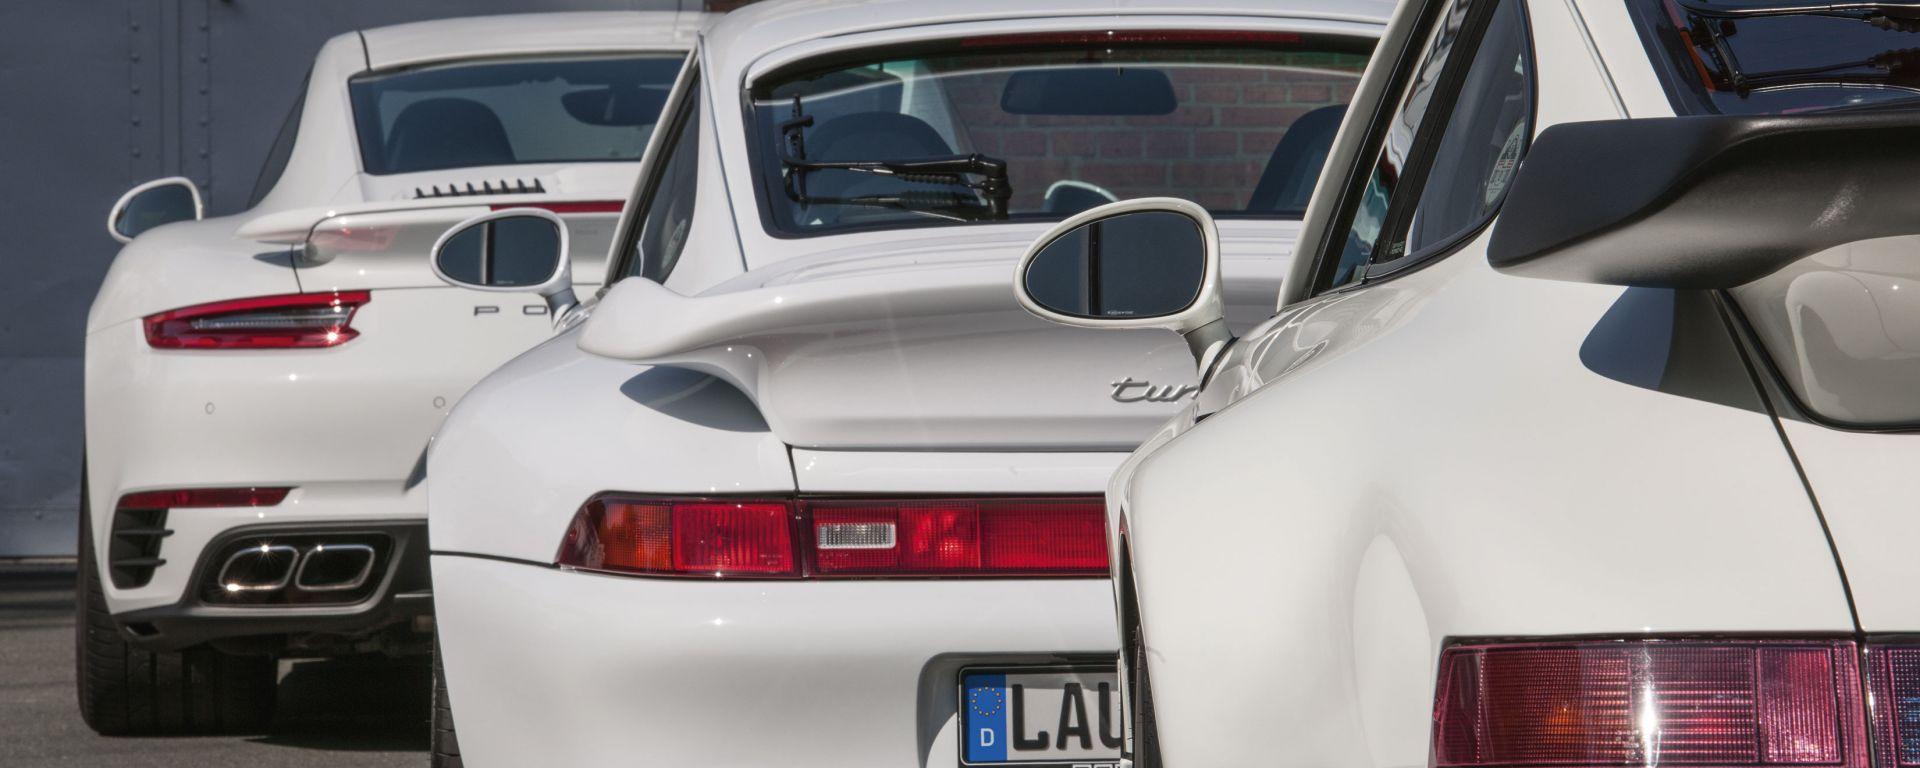 Le Porsche più importanti della storia: tre 911 Turbo a confronto